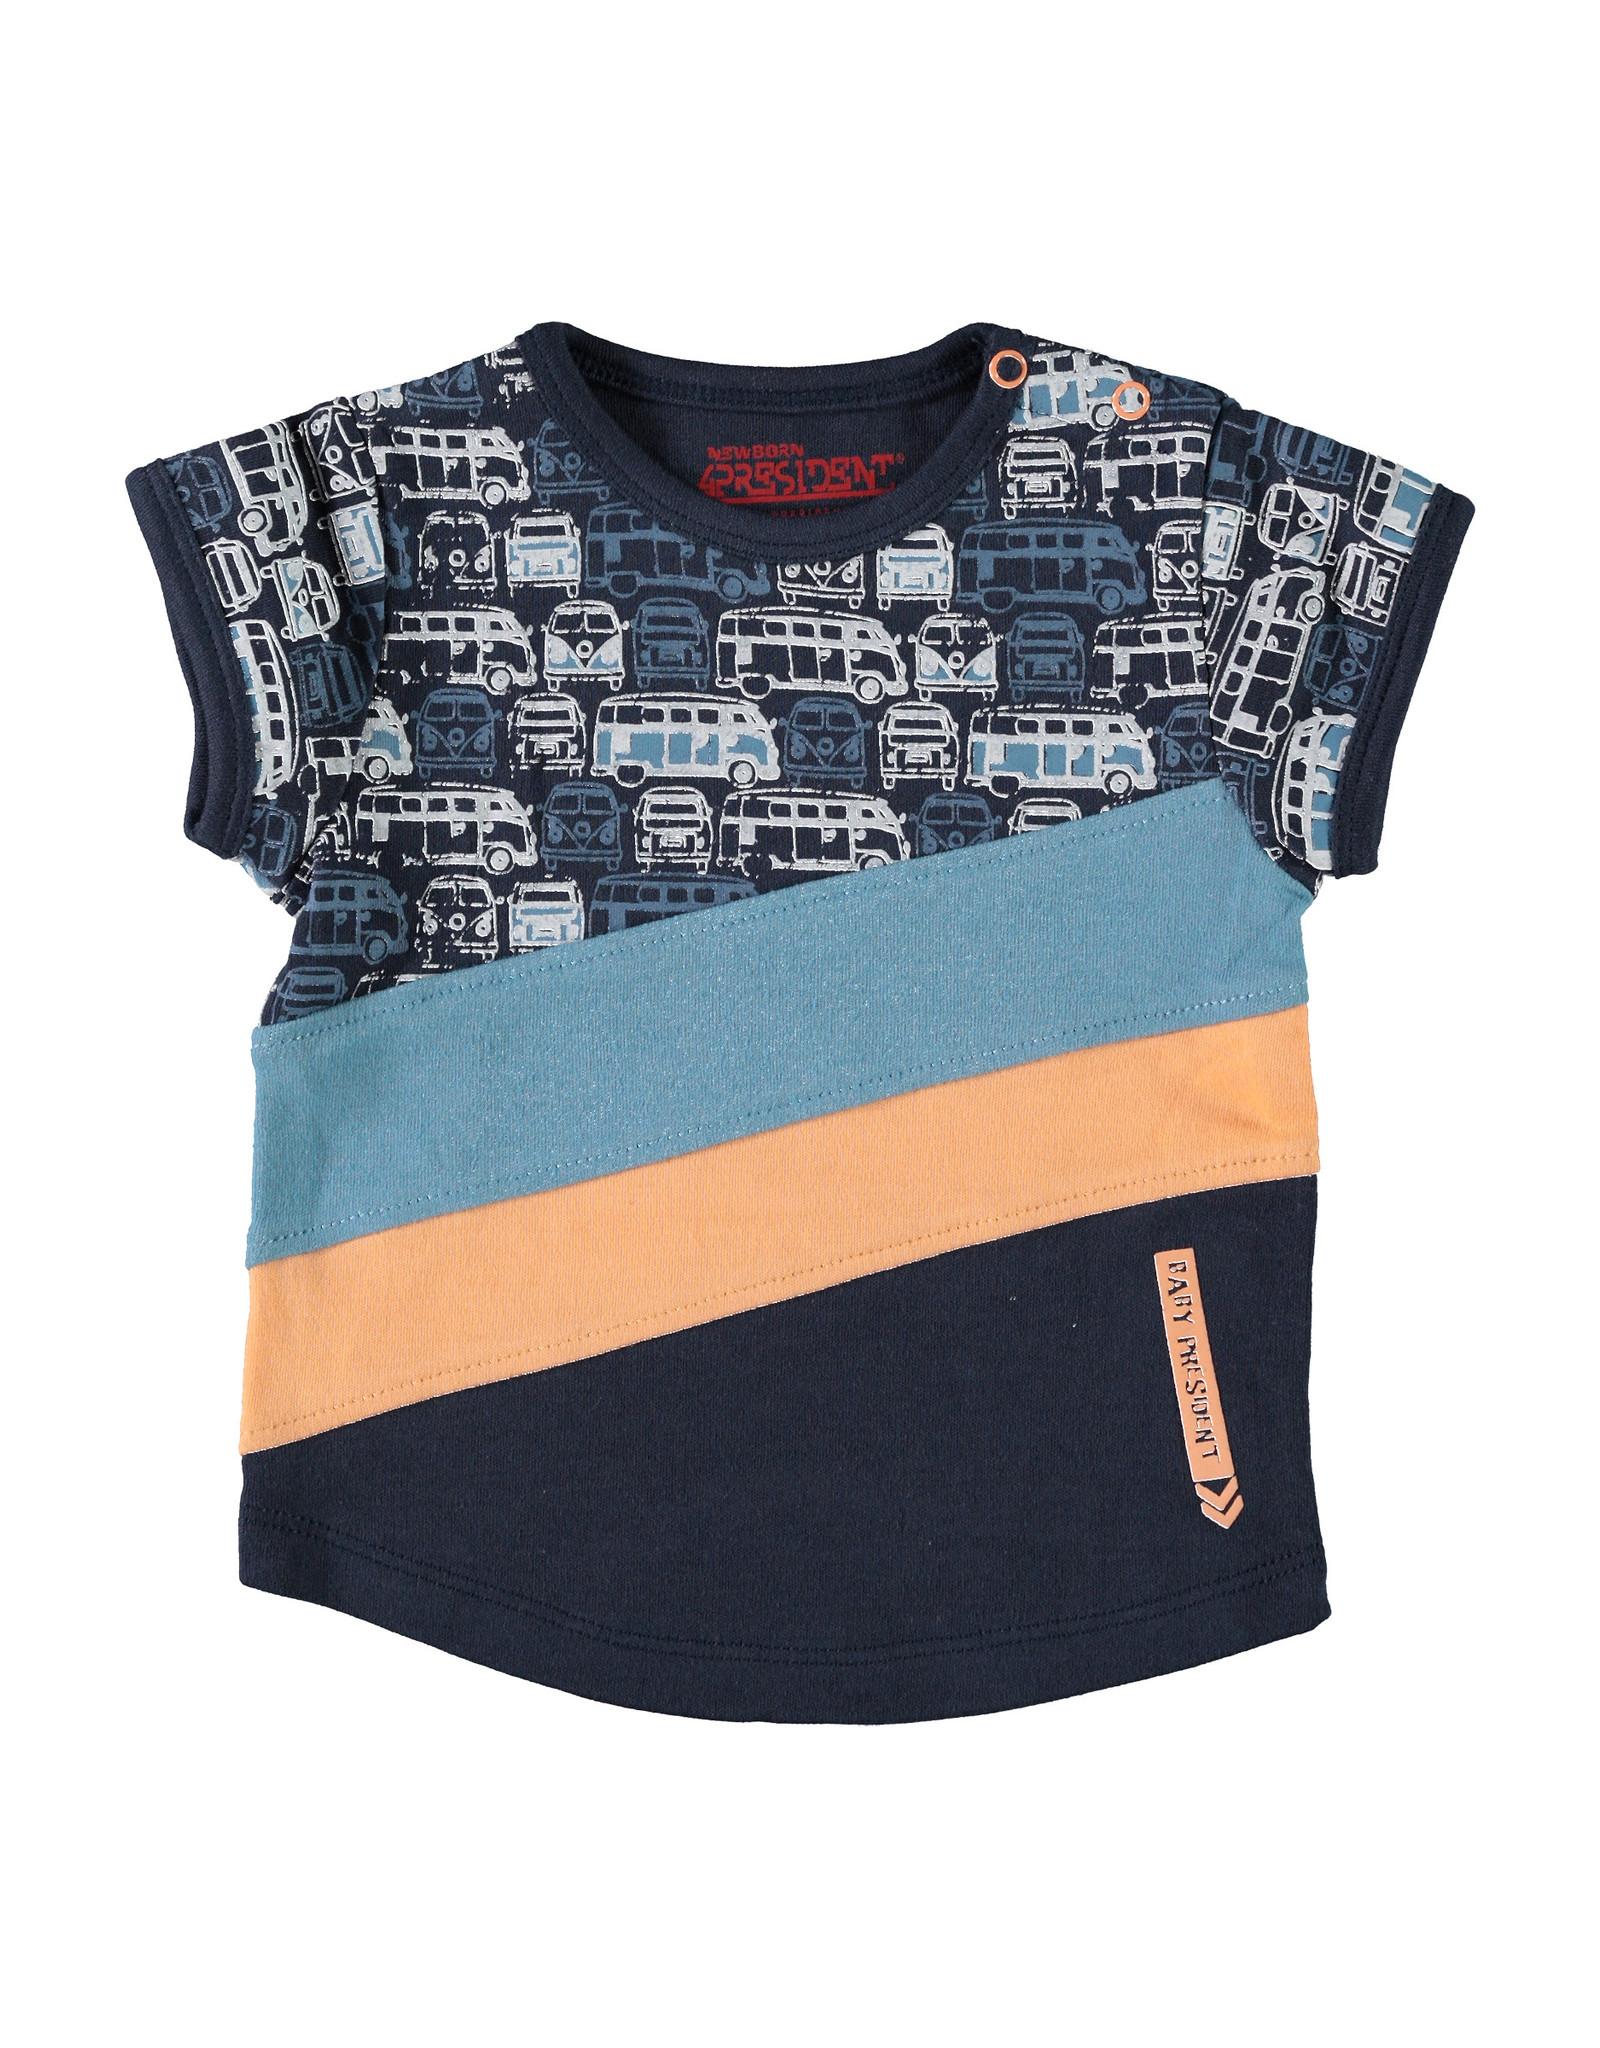 4President 4President baby jongens t-shirt Jacob Navy